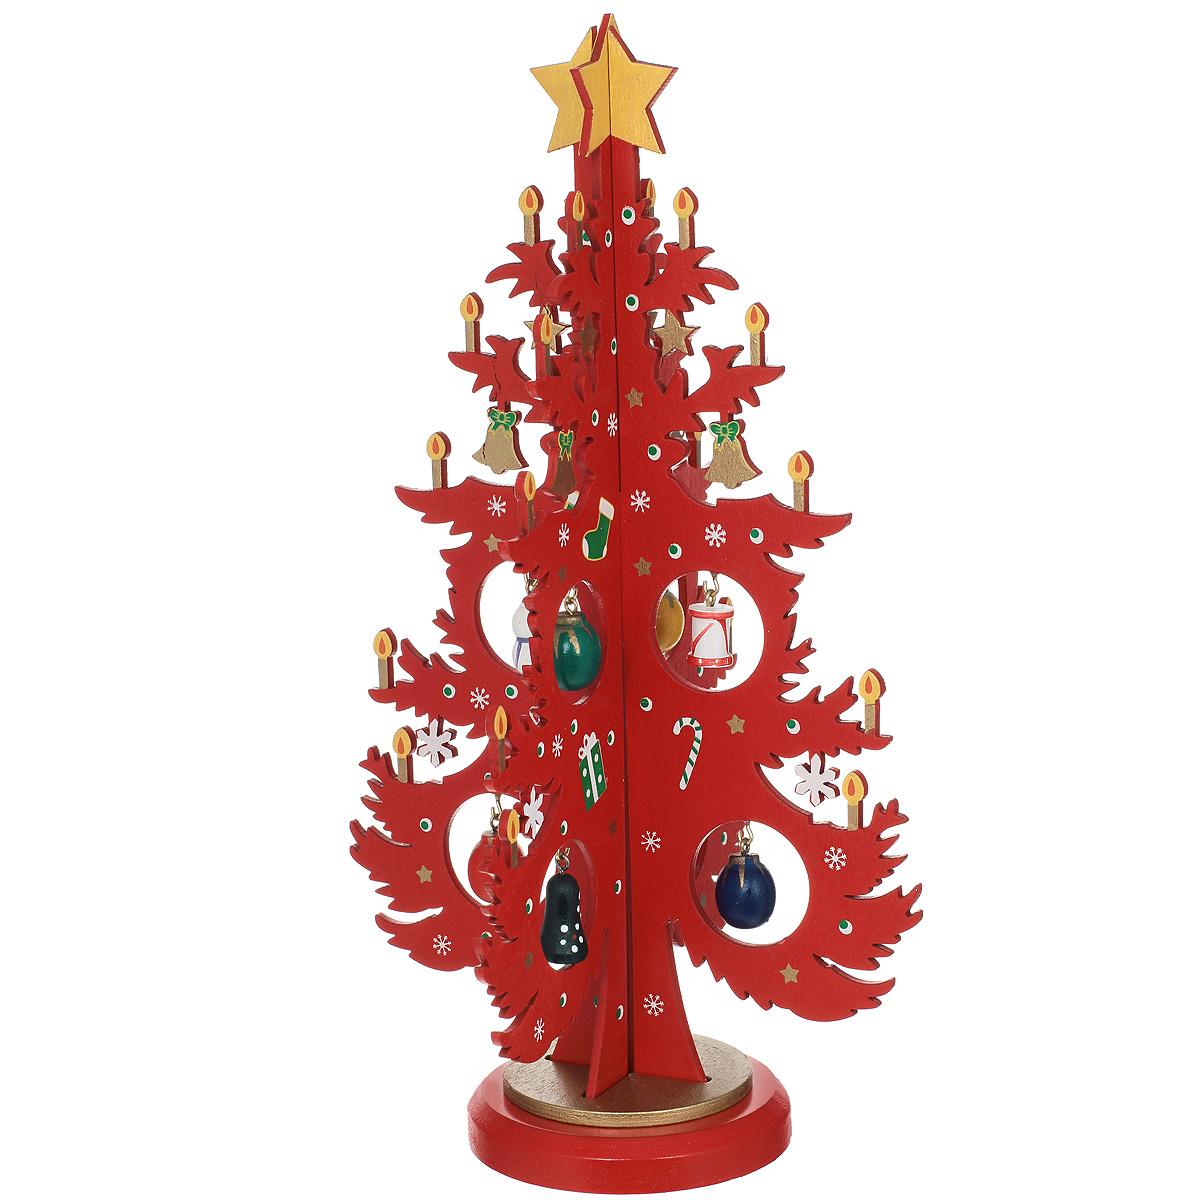 Украшение новогоднее Феникс-Презент Елочка со свечами, высота 25 см35251Украшение новогоднее Феникс-Презент Елочка со свечами гармонично впишется впраздничный интерьервашего дома или офиса. Изделие, состоящее из ели на подставке и 8 игрушек, выполнено из качественного дерева.Новогодние украшения всегда несут в себе волшебство и красоту праздника. Создайтеатмосферу тепла, веселья и радости.